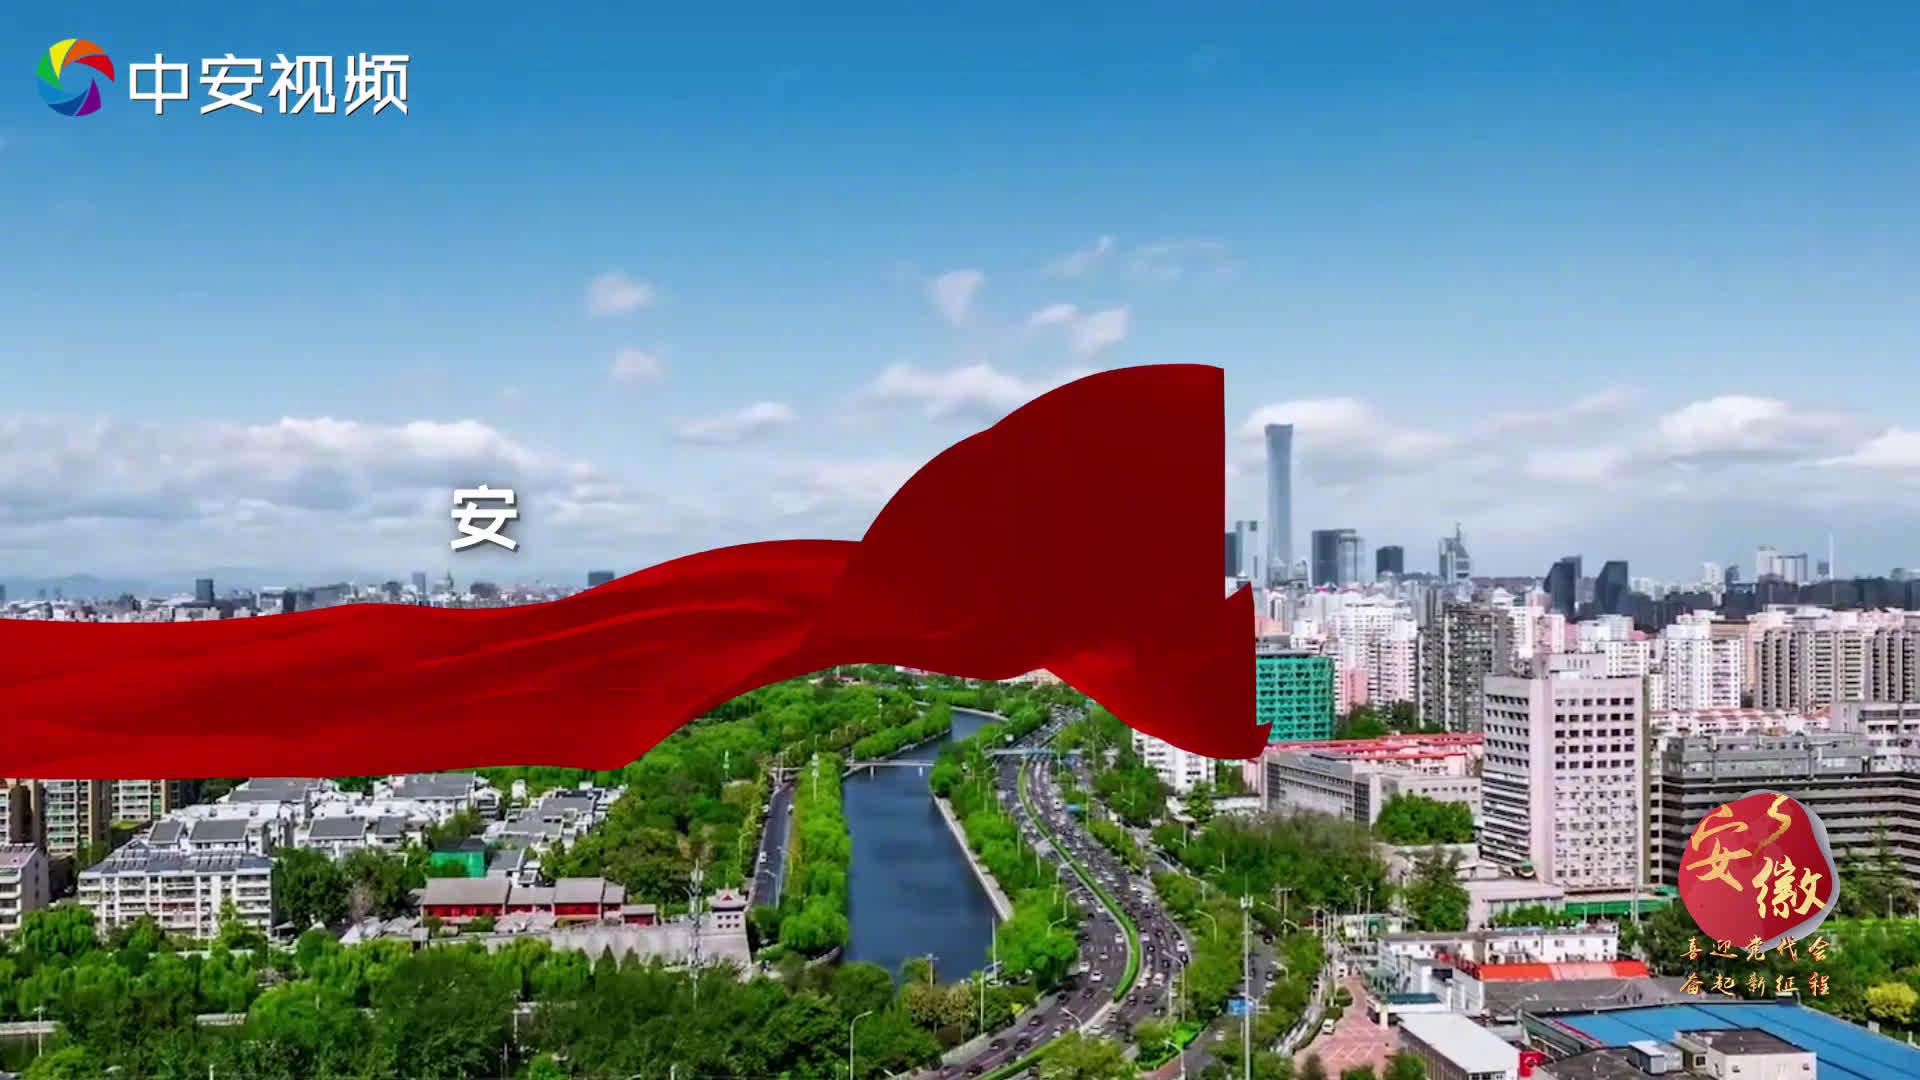 数说安徽这5年:安徽制造业高质量发展指数居中部第一